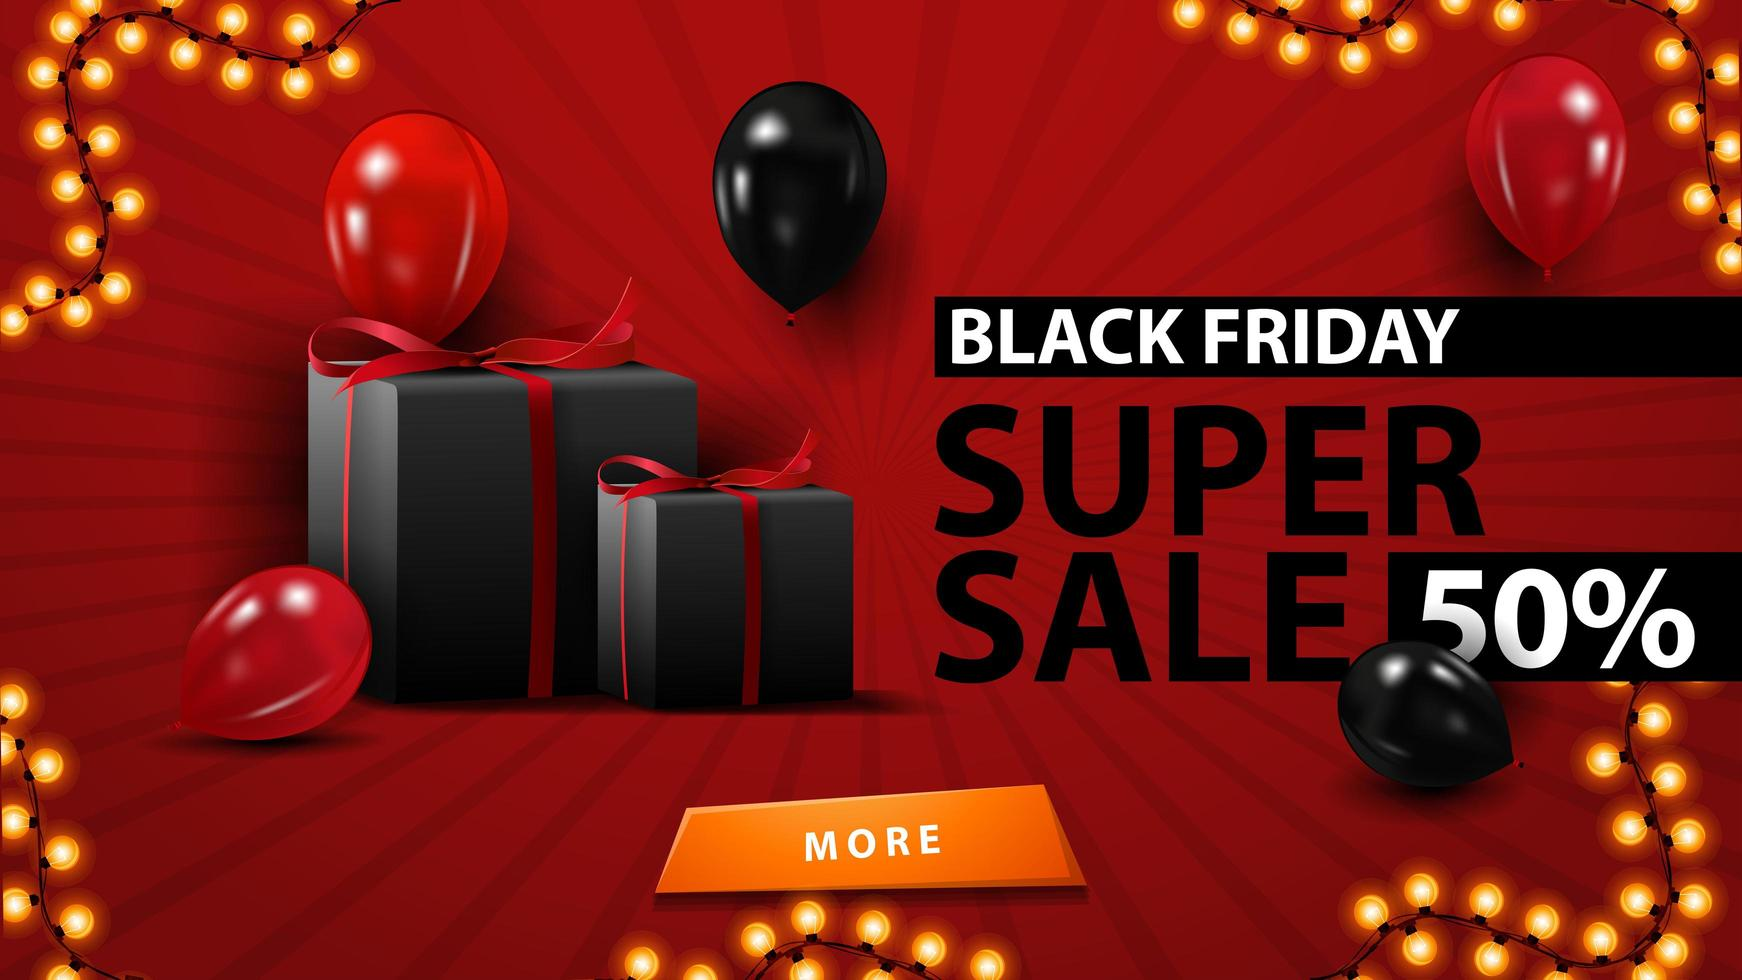 zwarte vrijdag superverkoop, tot 50 korting, creatieve rode sjabloon in minimalistische moderne stijl met ballonnen en geschenken. vector